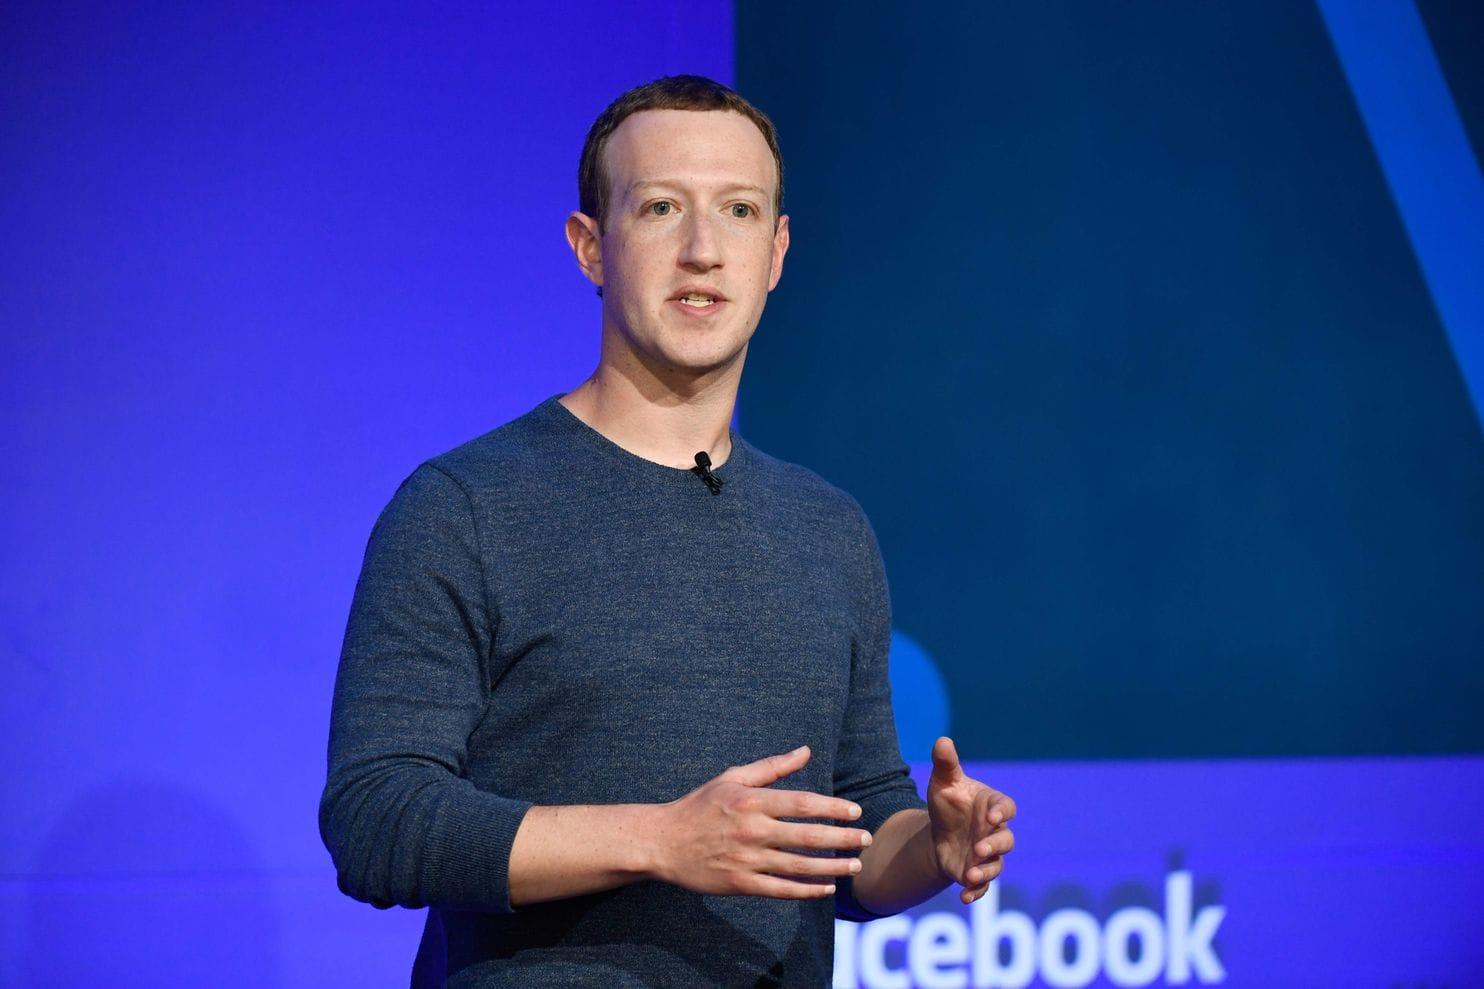 Facebook đang đàm phán với FTC về khoản phạt hàng tỷ USD